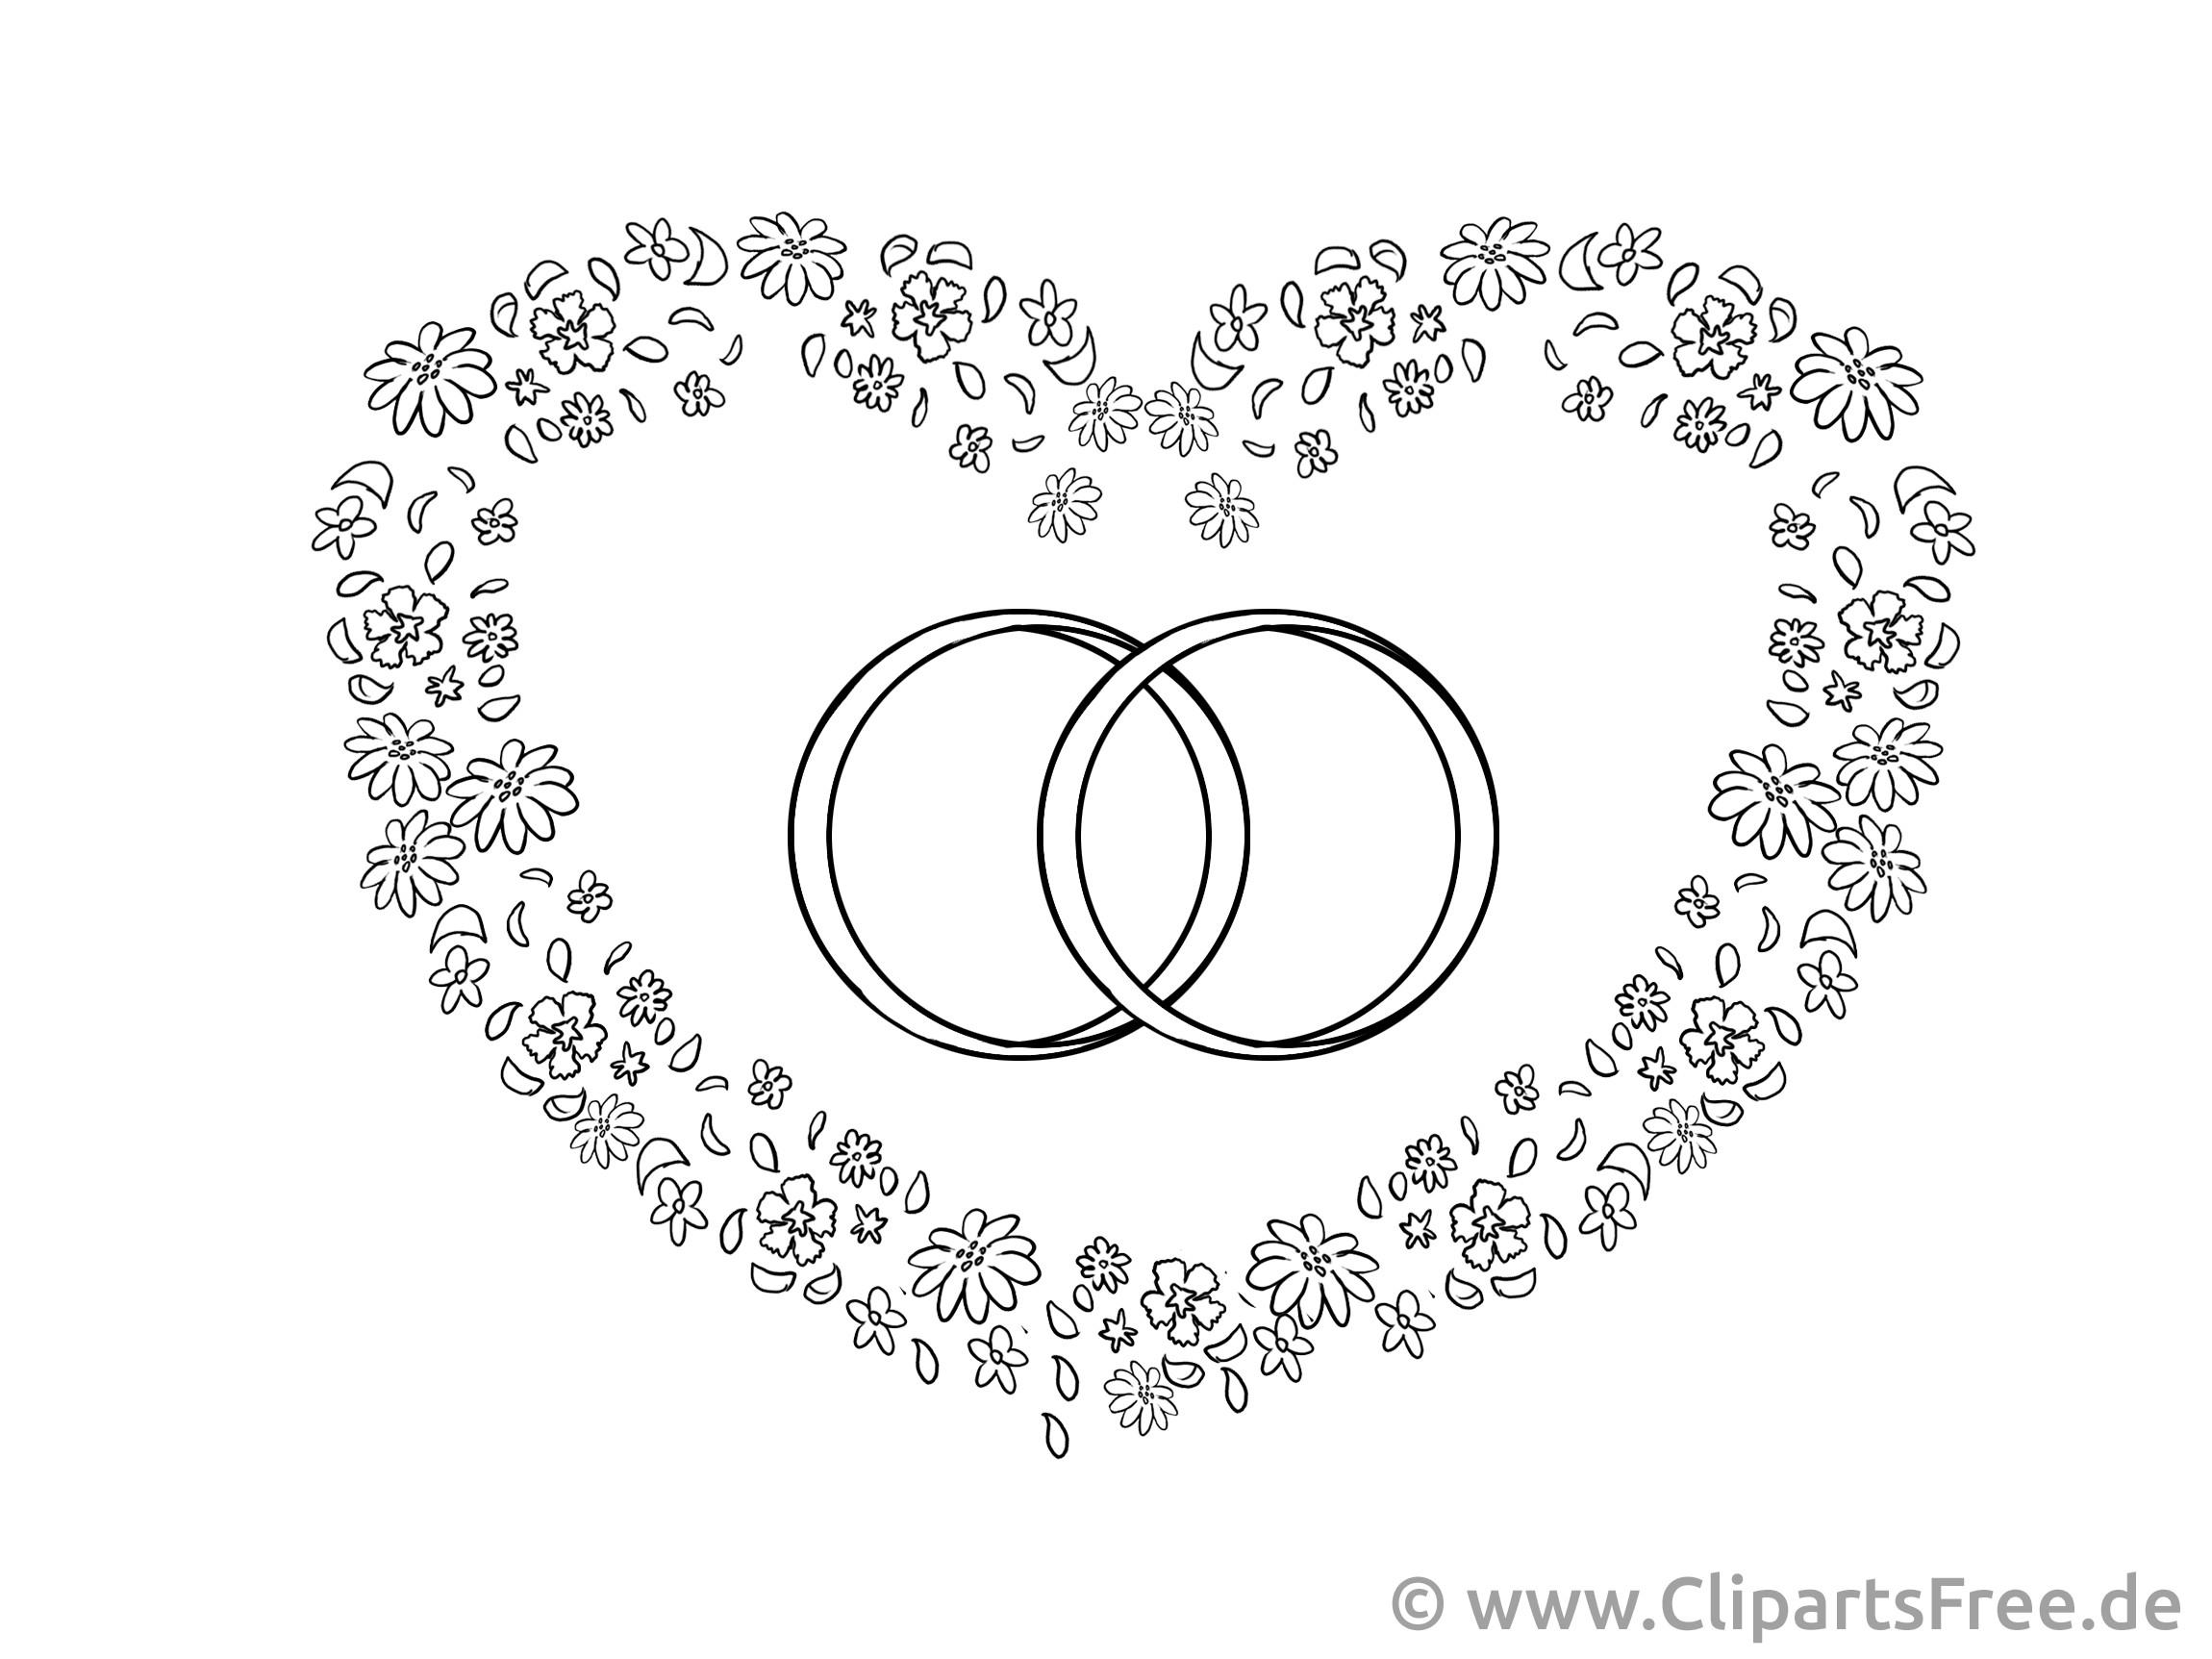 Cliparts Hochzeit Kostenlos Herunterladen  Herz und Trauringe Zeichnung Clipart Bild kostenlos